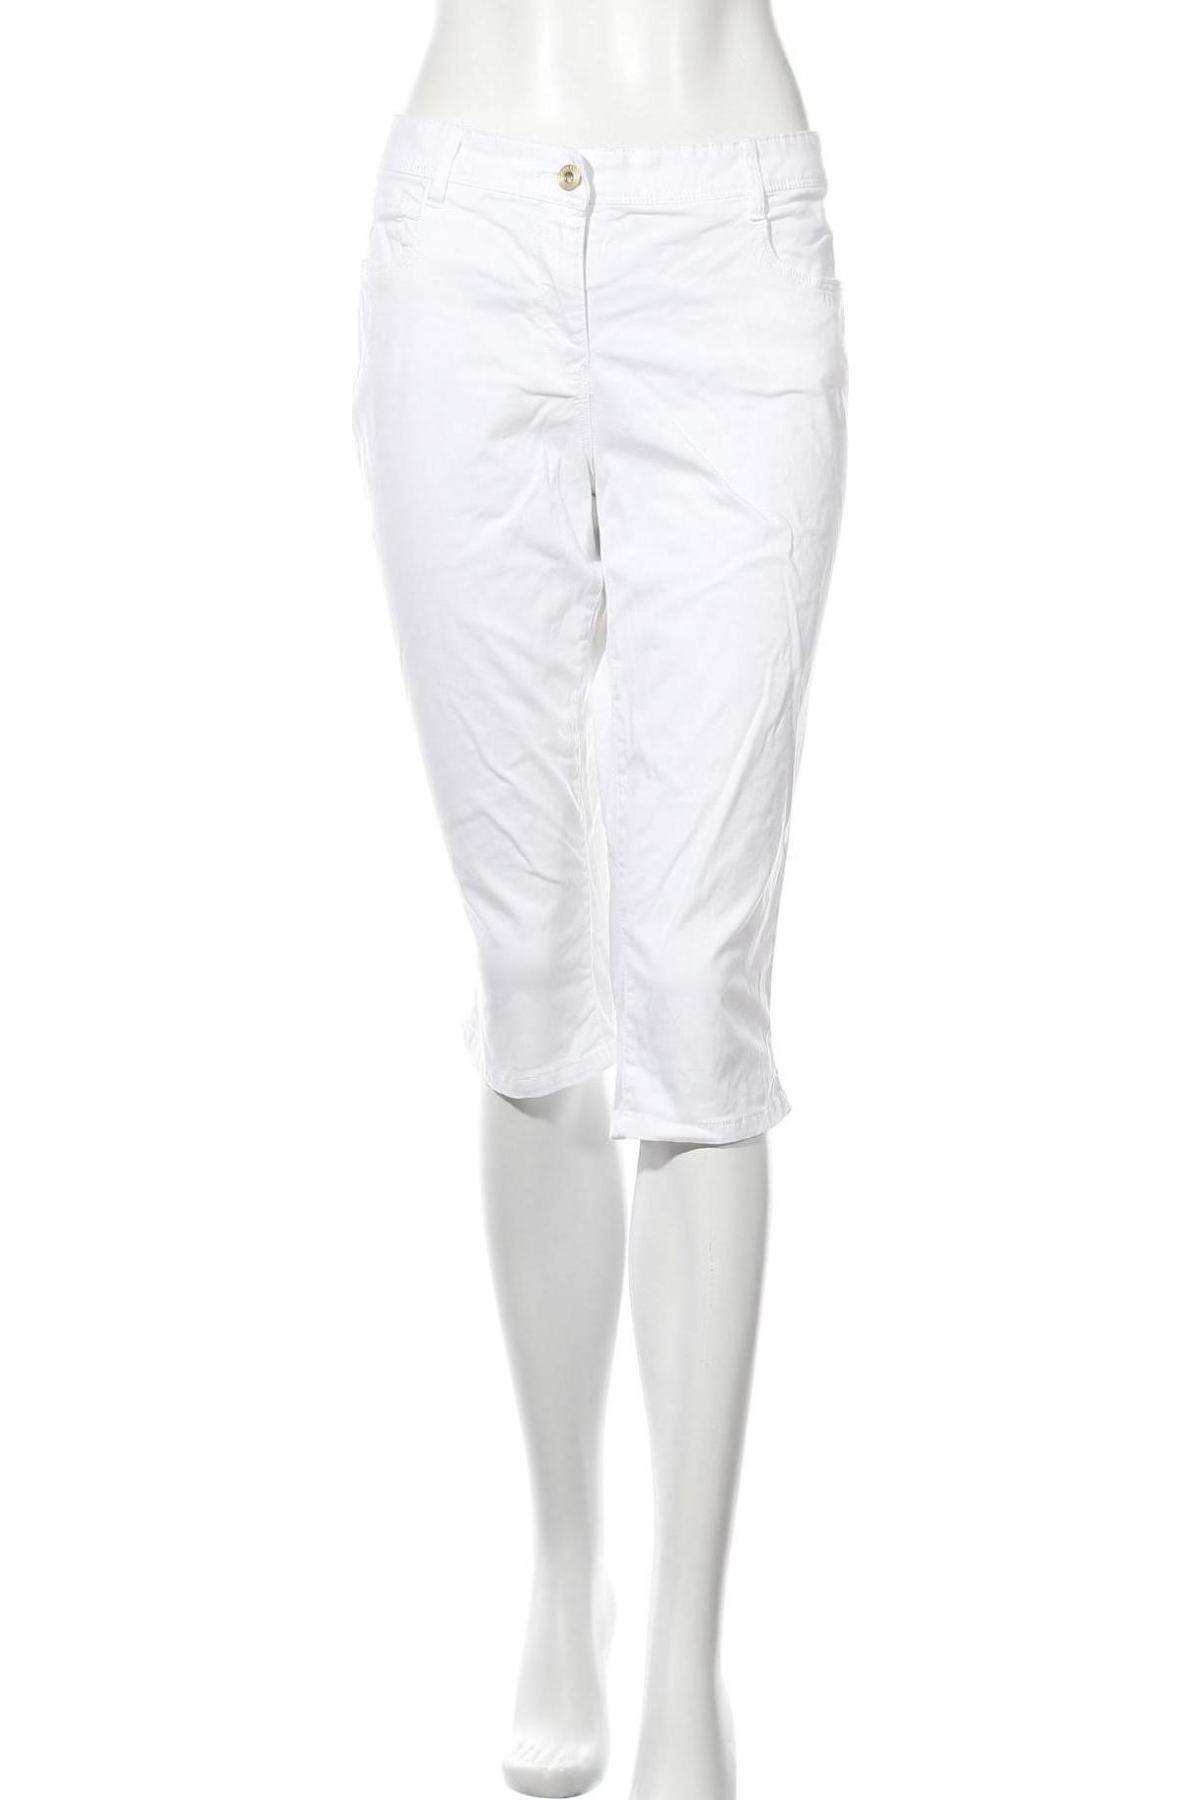 Дамски панталон Tom Tailor, Размер L, Цвят Бял, 97% памук, 3% еластан, Цена 11,88лв.